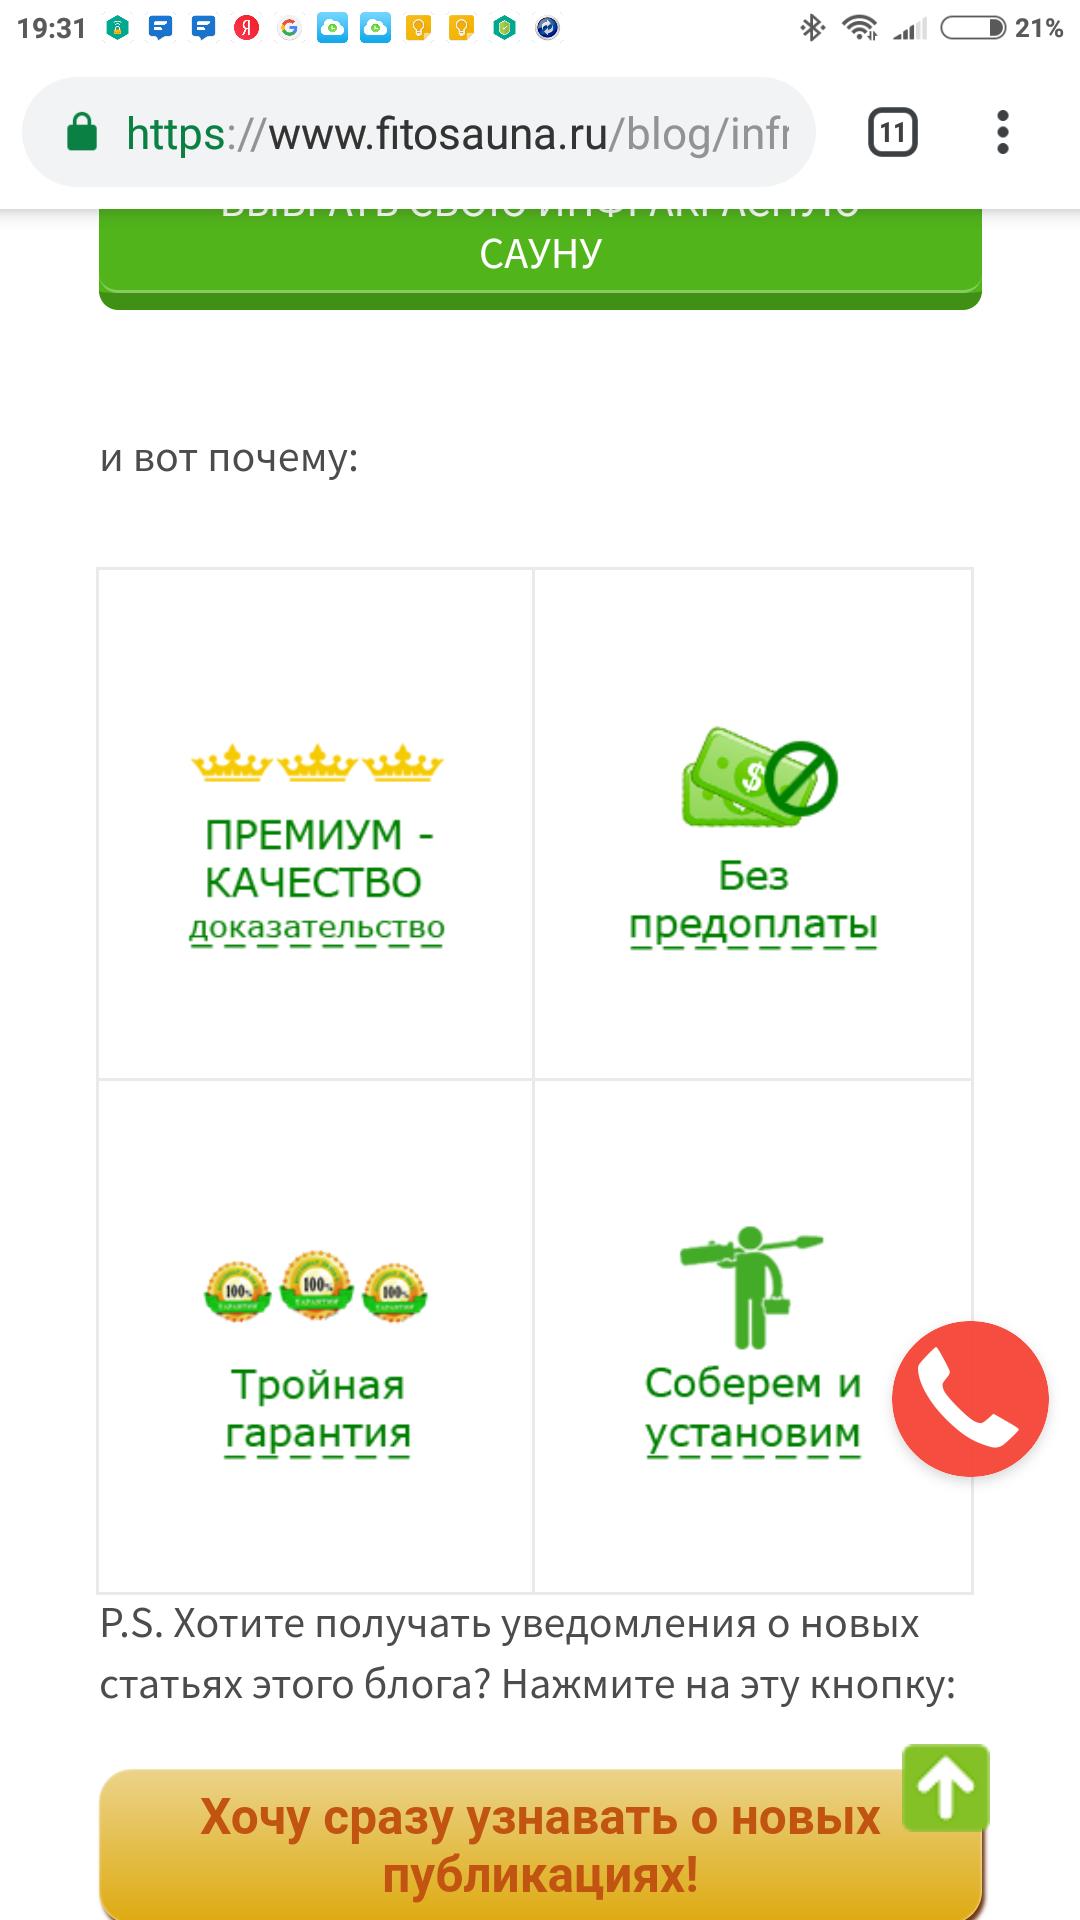 Адаптированная таблица на мобильном устройстве